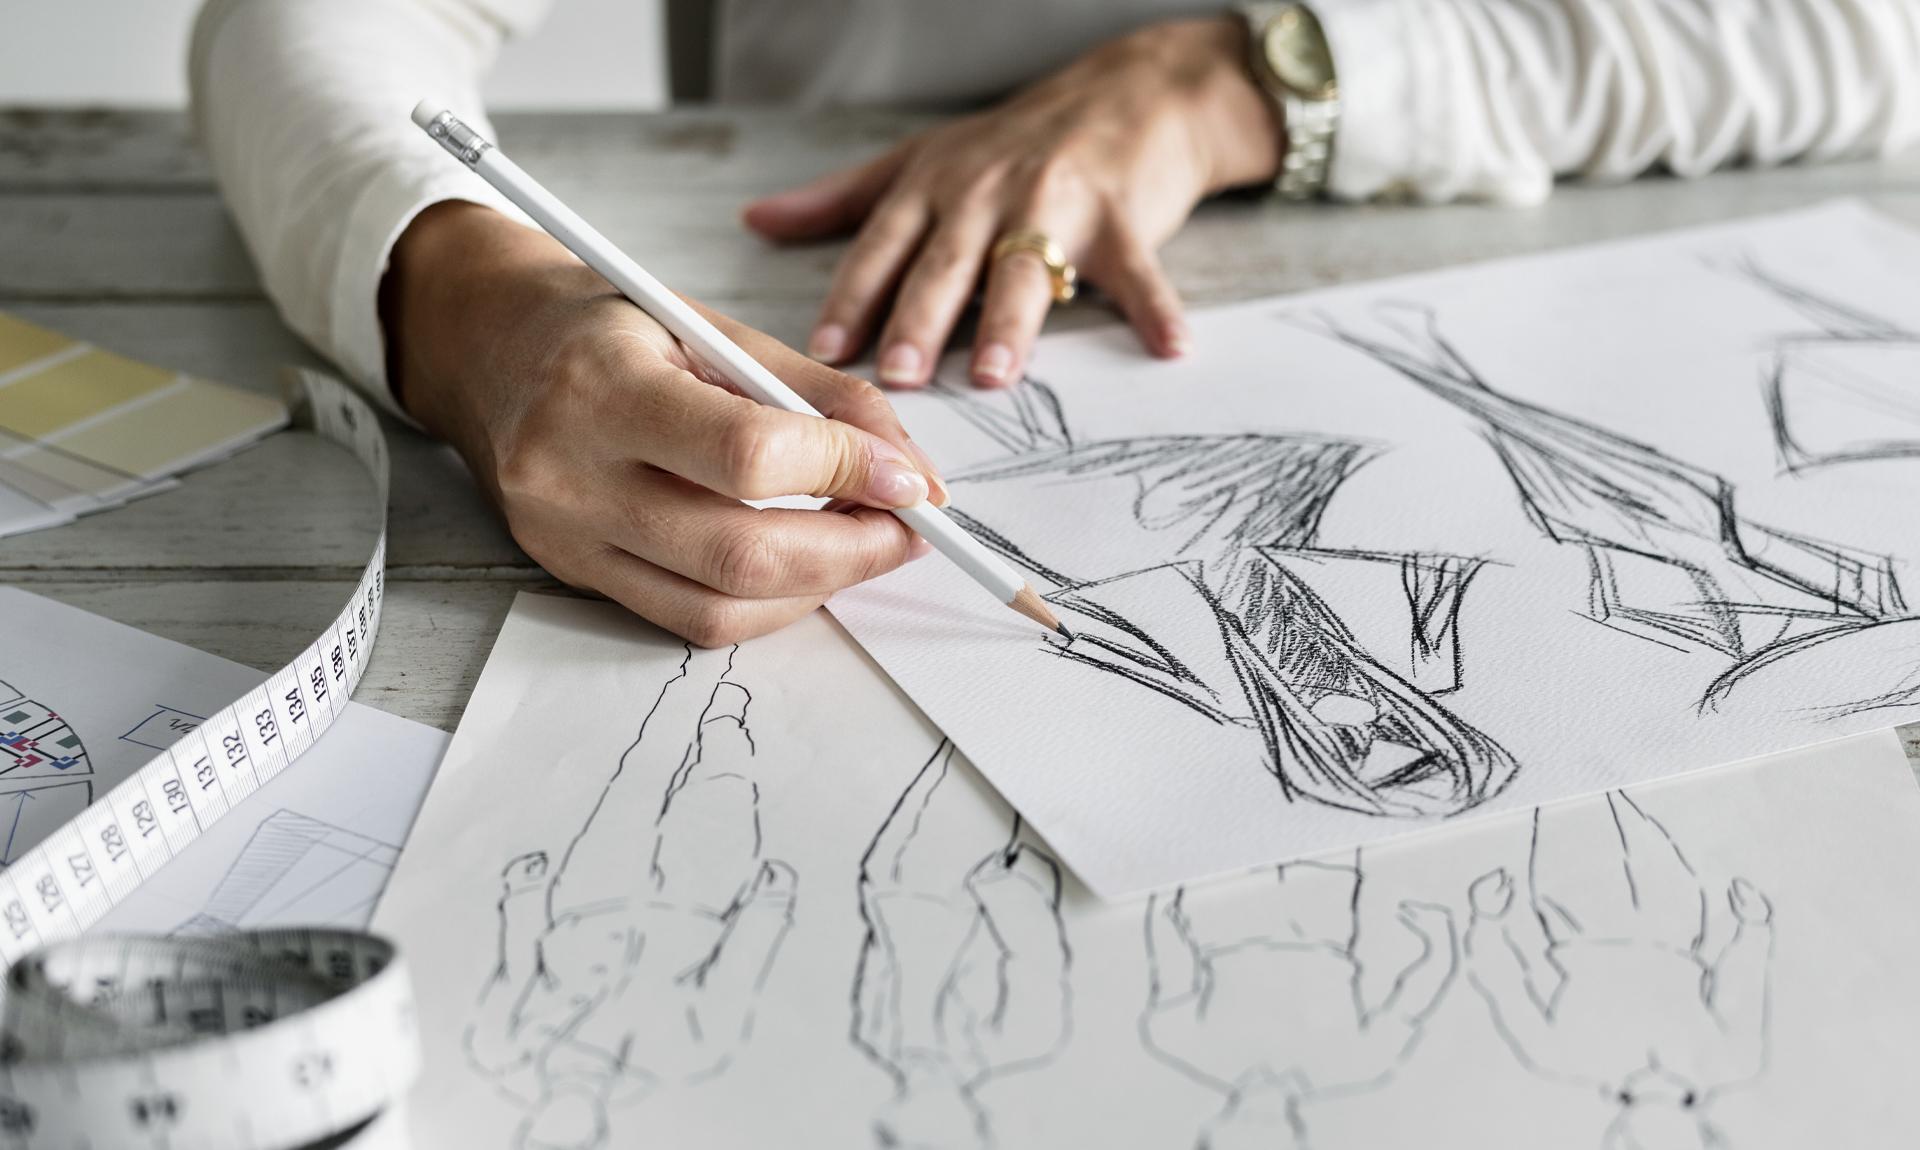 Settore della moda: immagine di una designer/ Fashion industry: image of a designer working